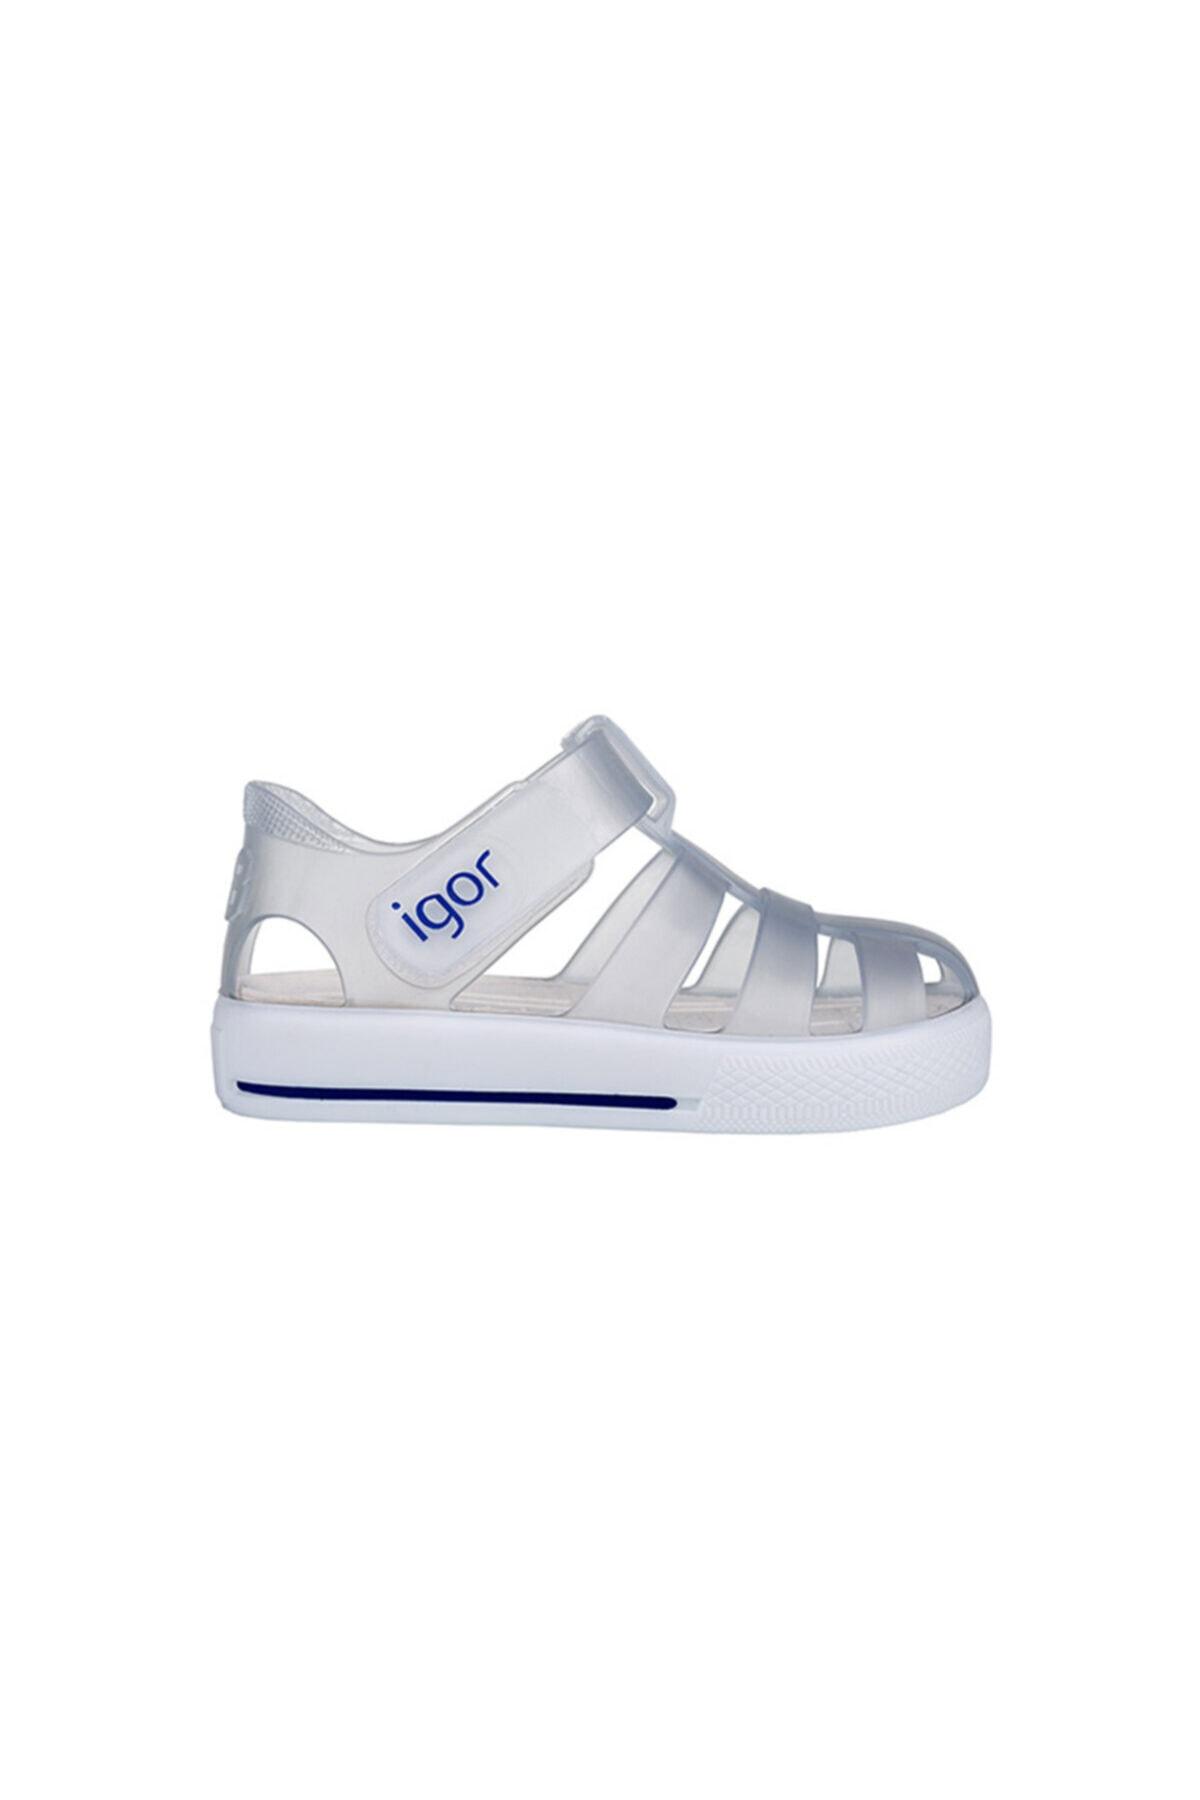 IGOR Bebek Beyaz Star Yazlık Sandalet S10171-038 S10171 1